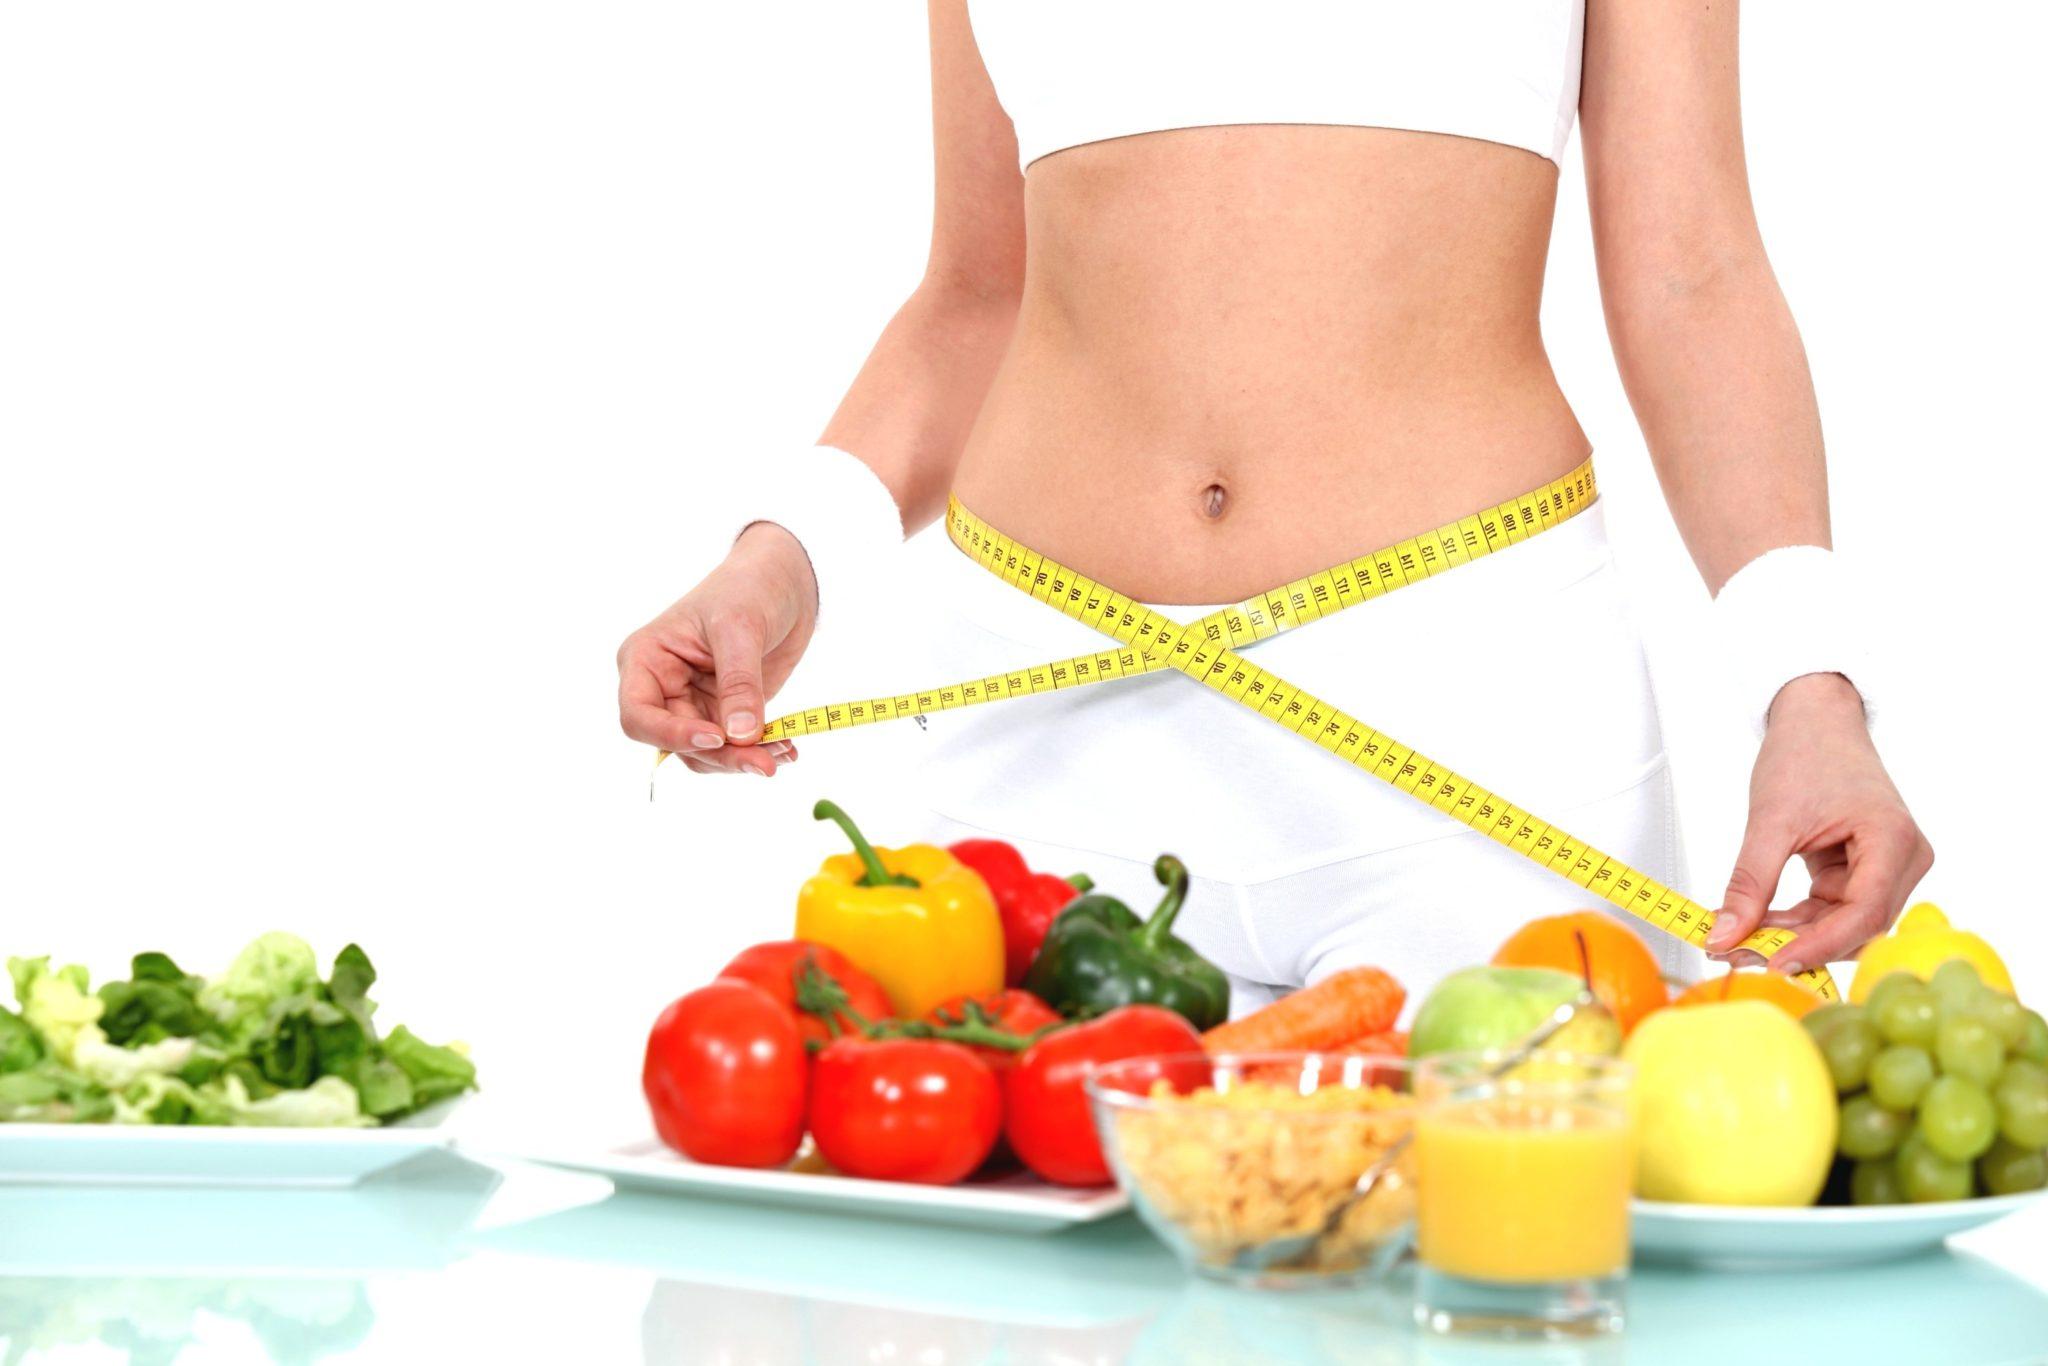 Диеты для похудения в домашних условиях. Варианты домашней